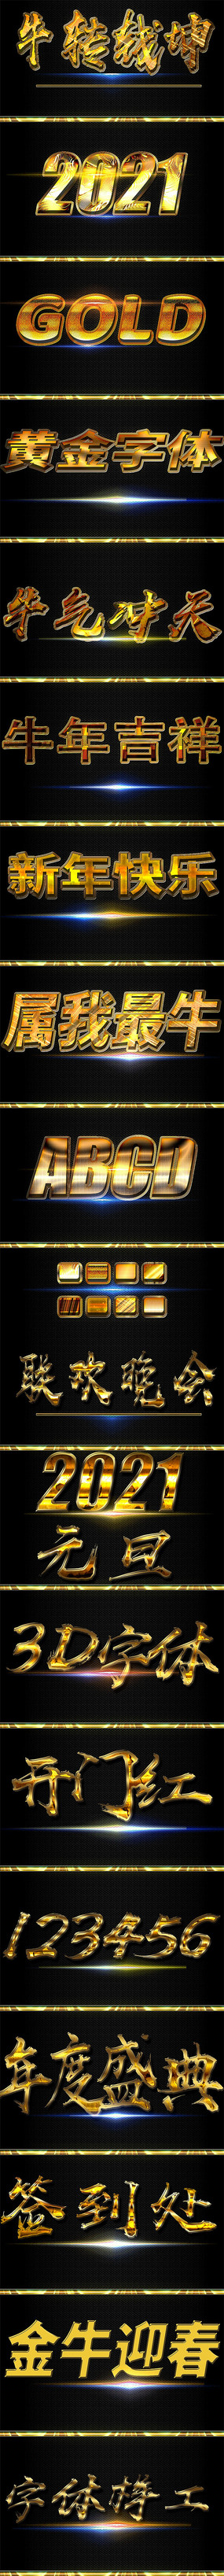 牛年3D黄金立体字体样式